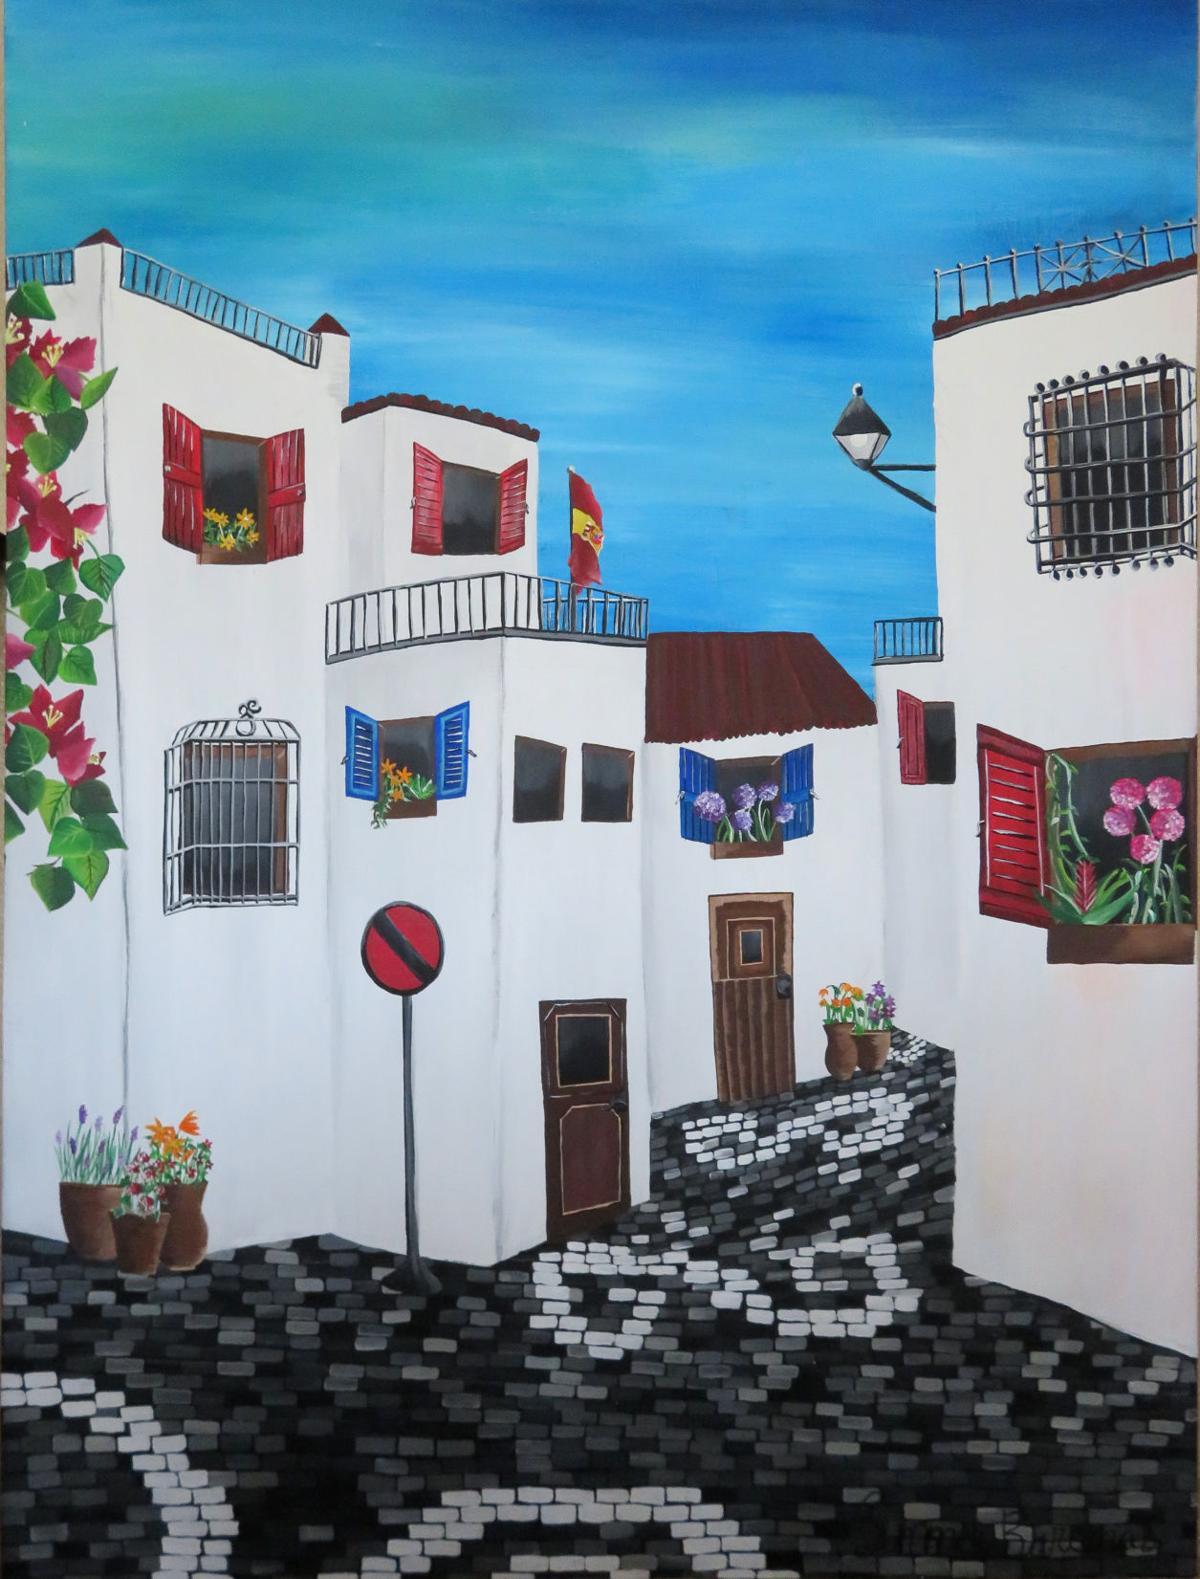 190606 WENAHA Andalucia, by Summer Barcenas.jpg